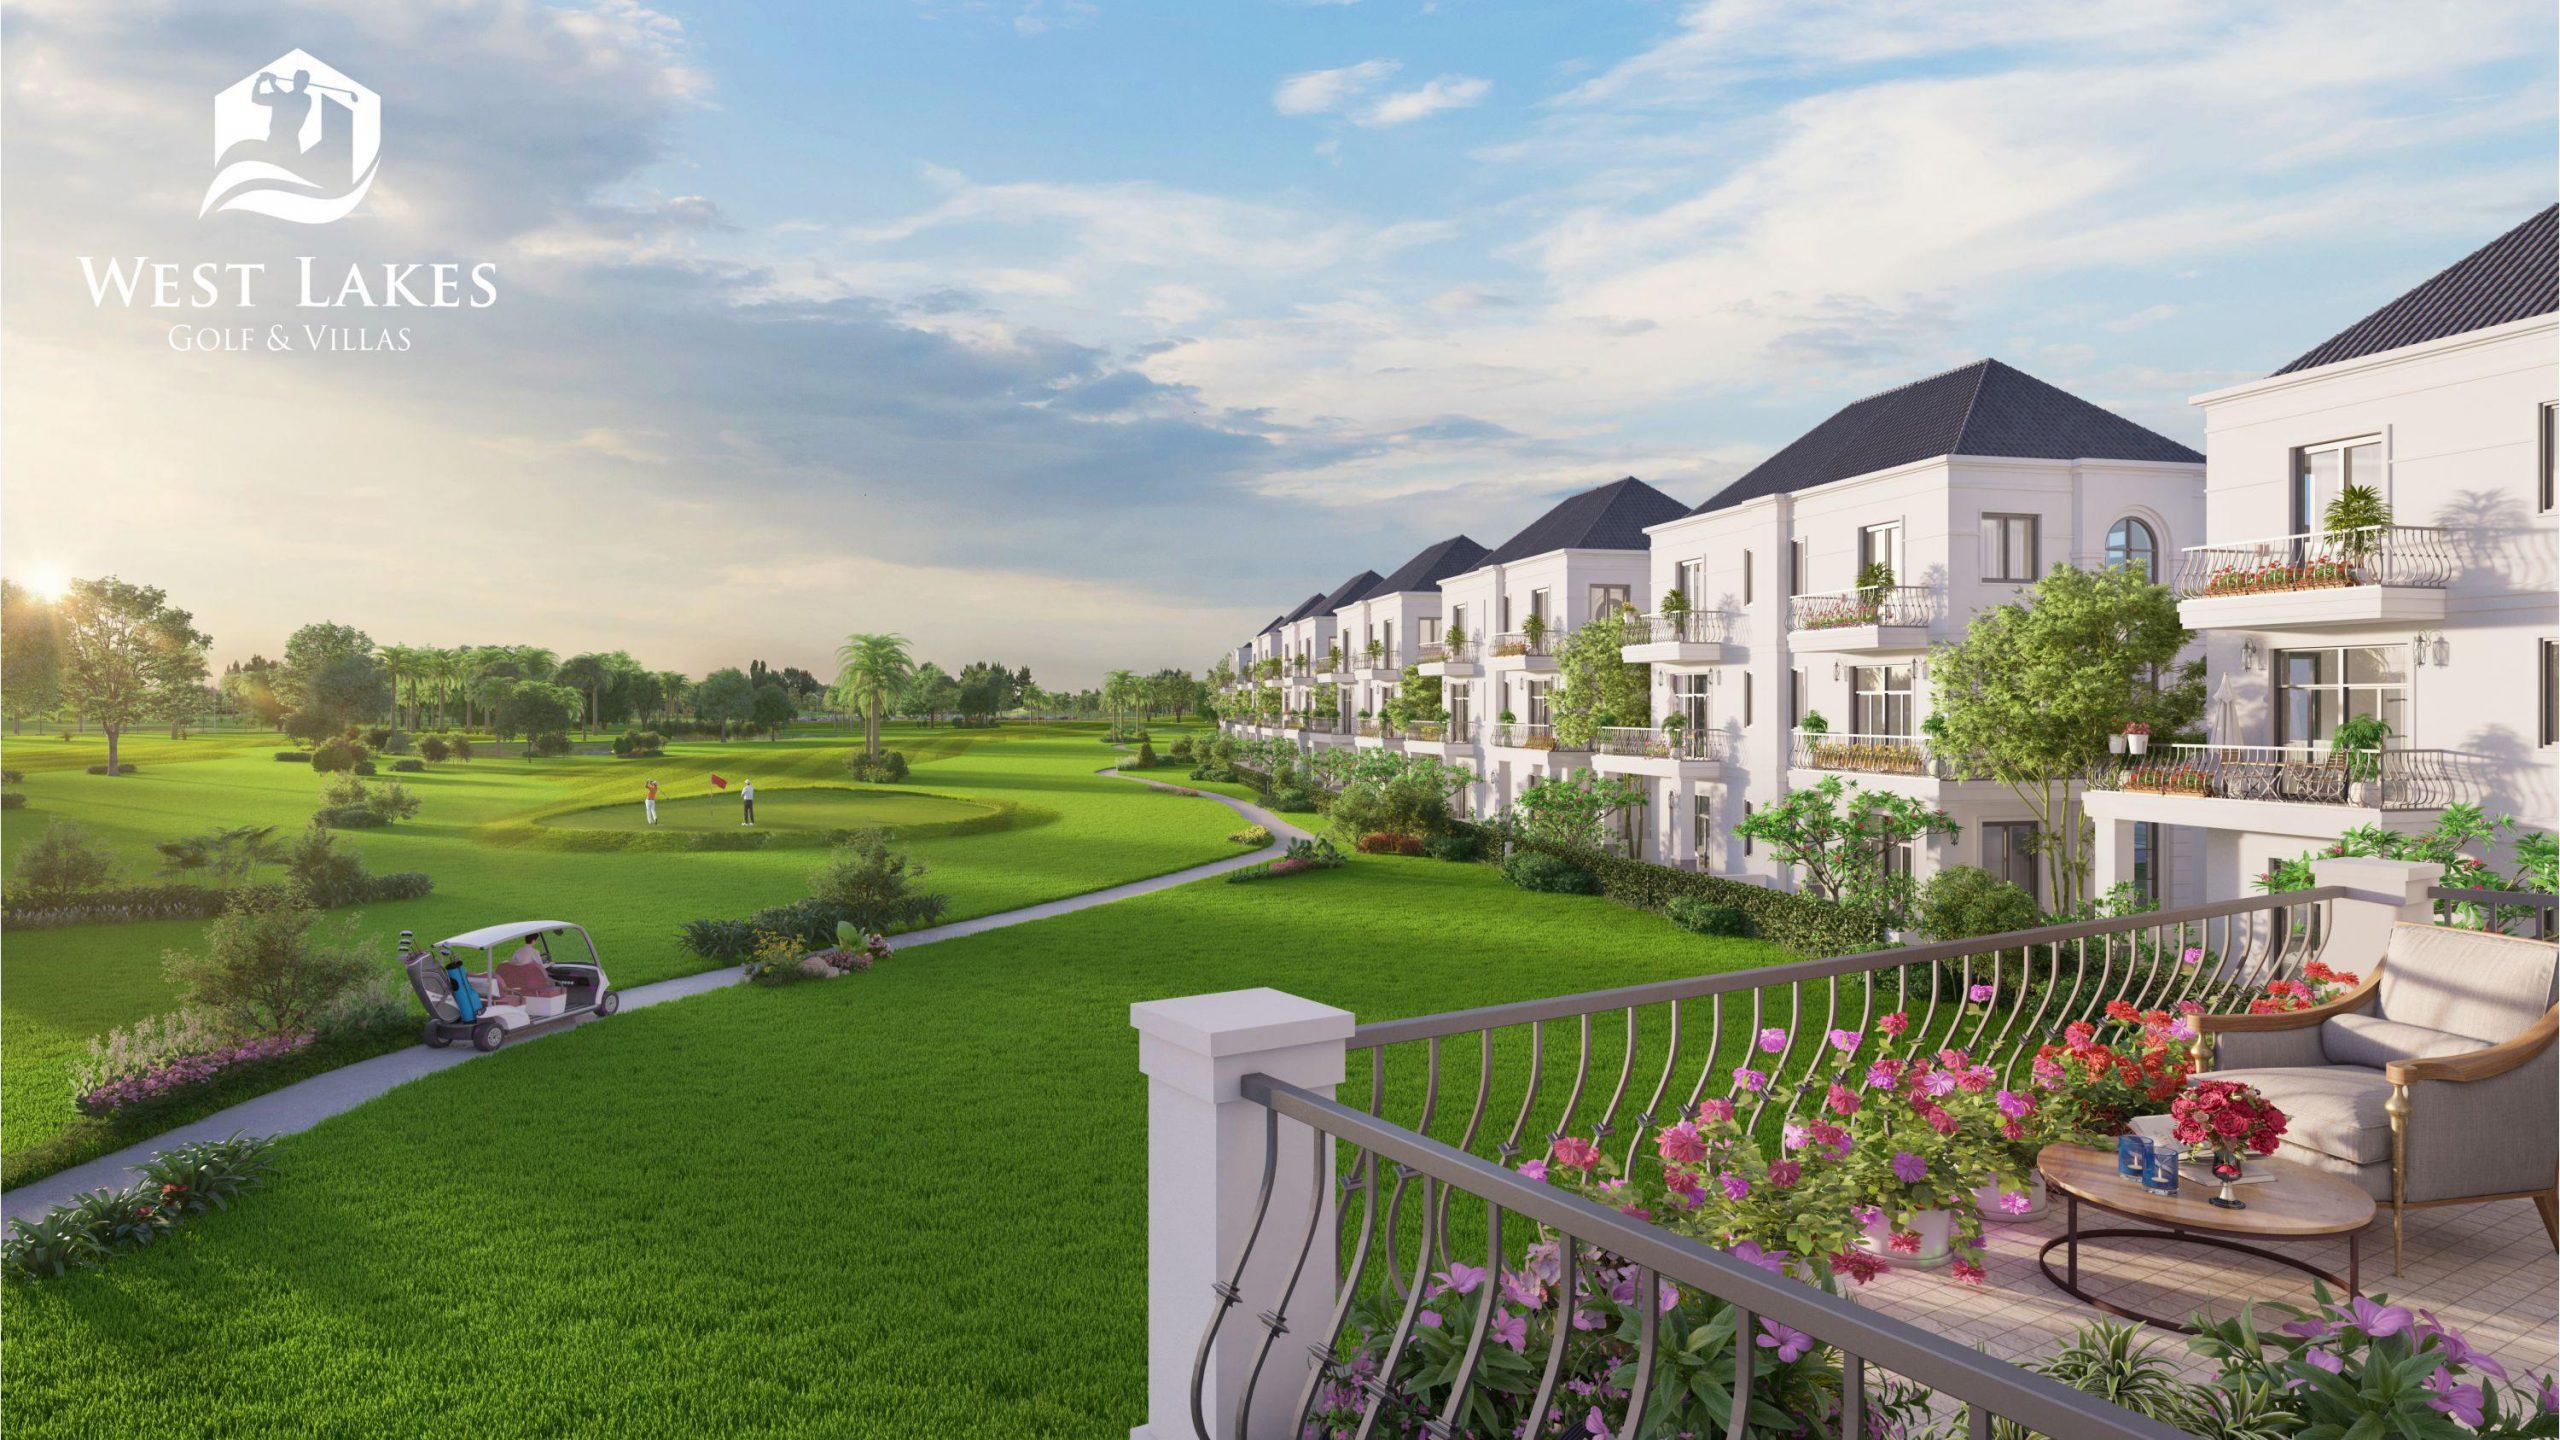 West Lake Golf & Villas – Khu đô thị sân golf đẳng cấp phía Tây Tphcm